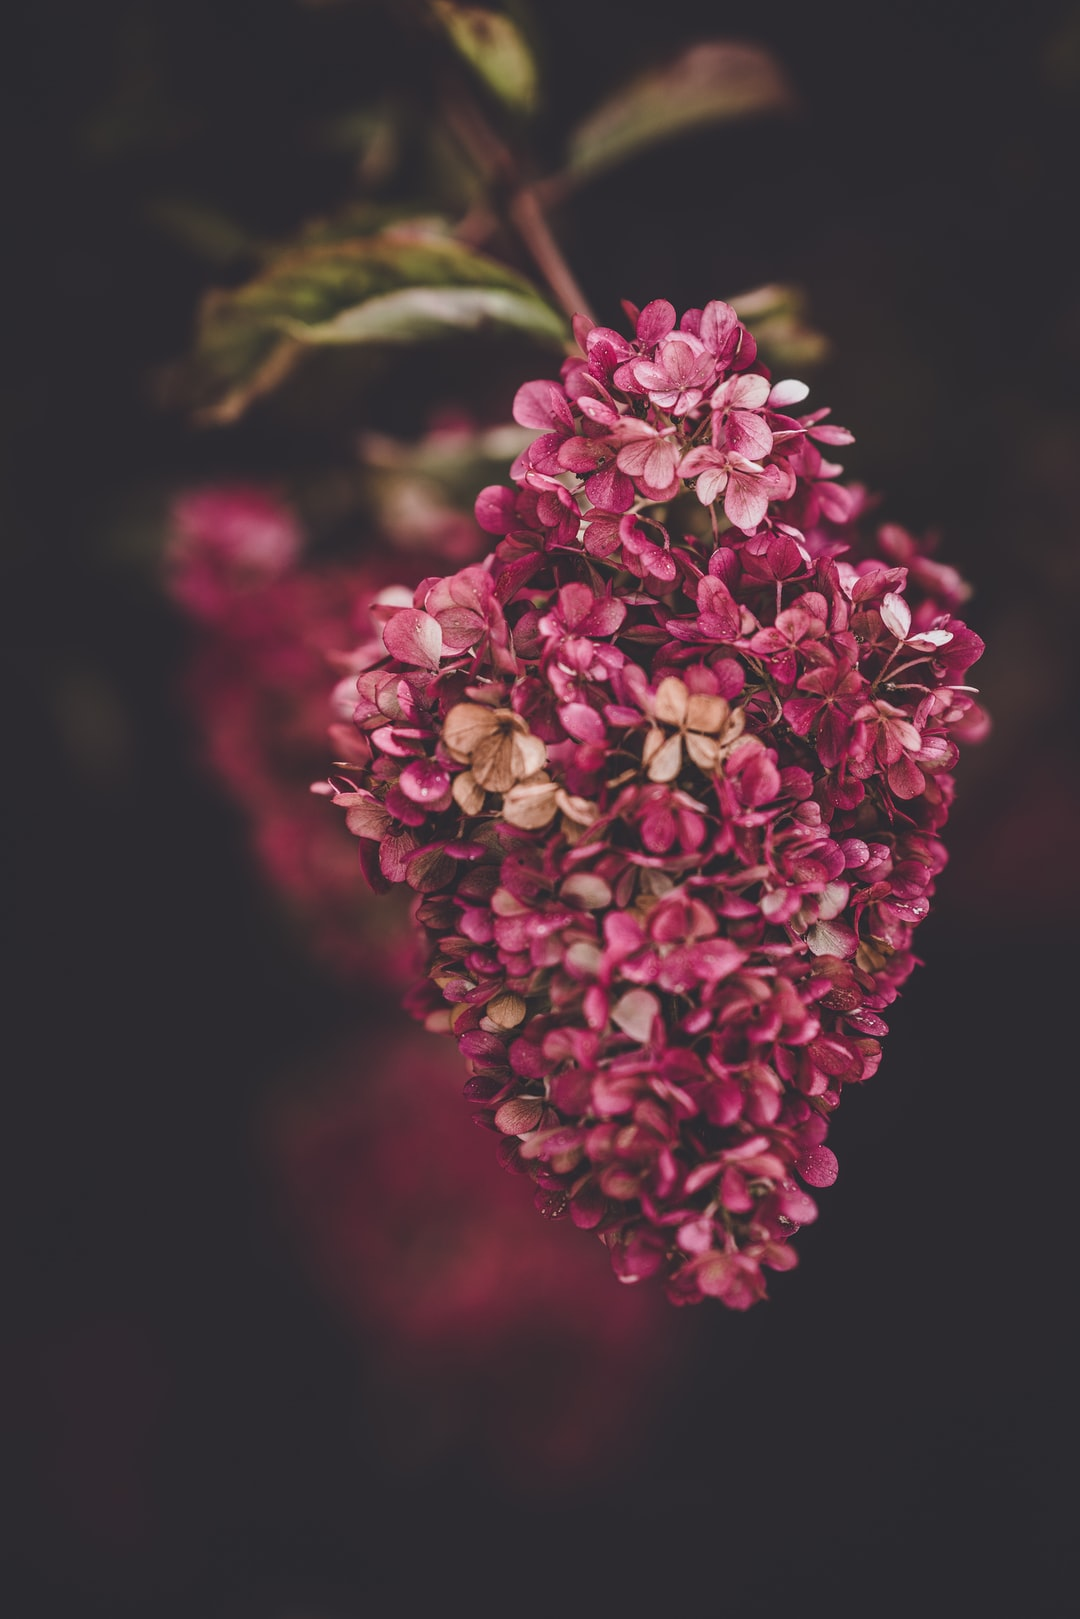 3874. Virágok